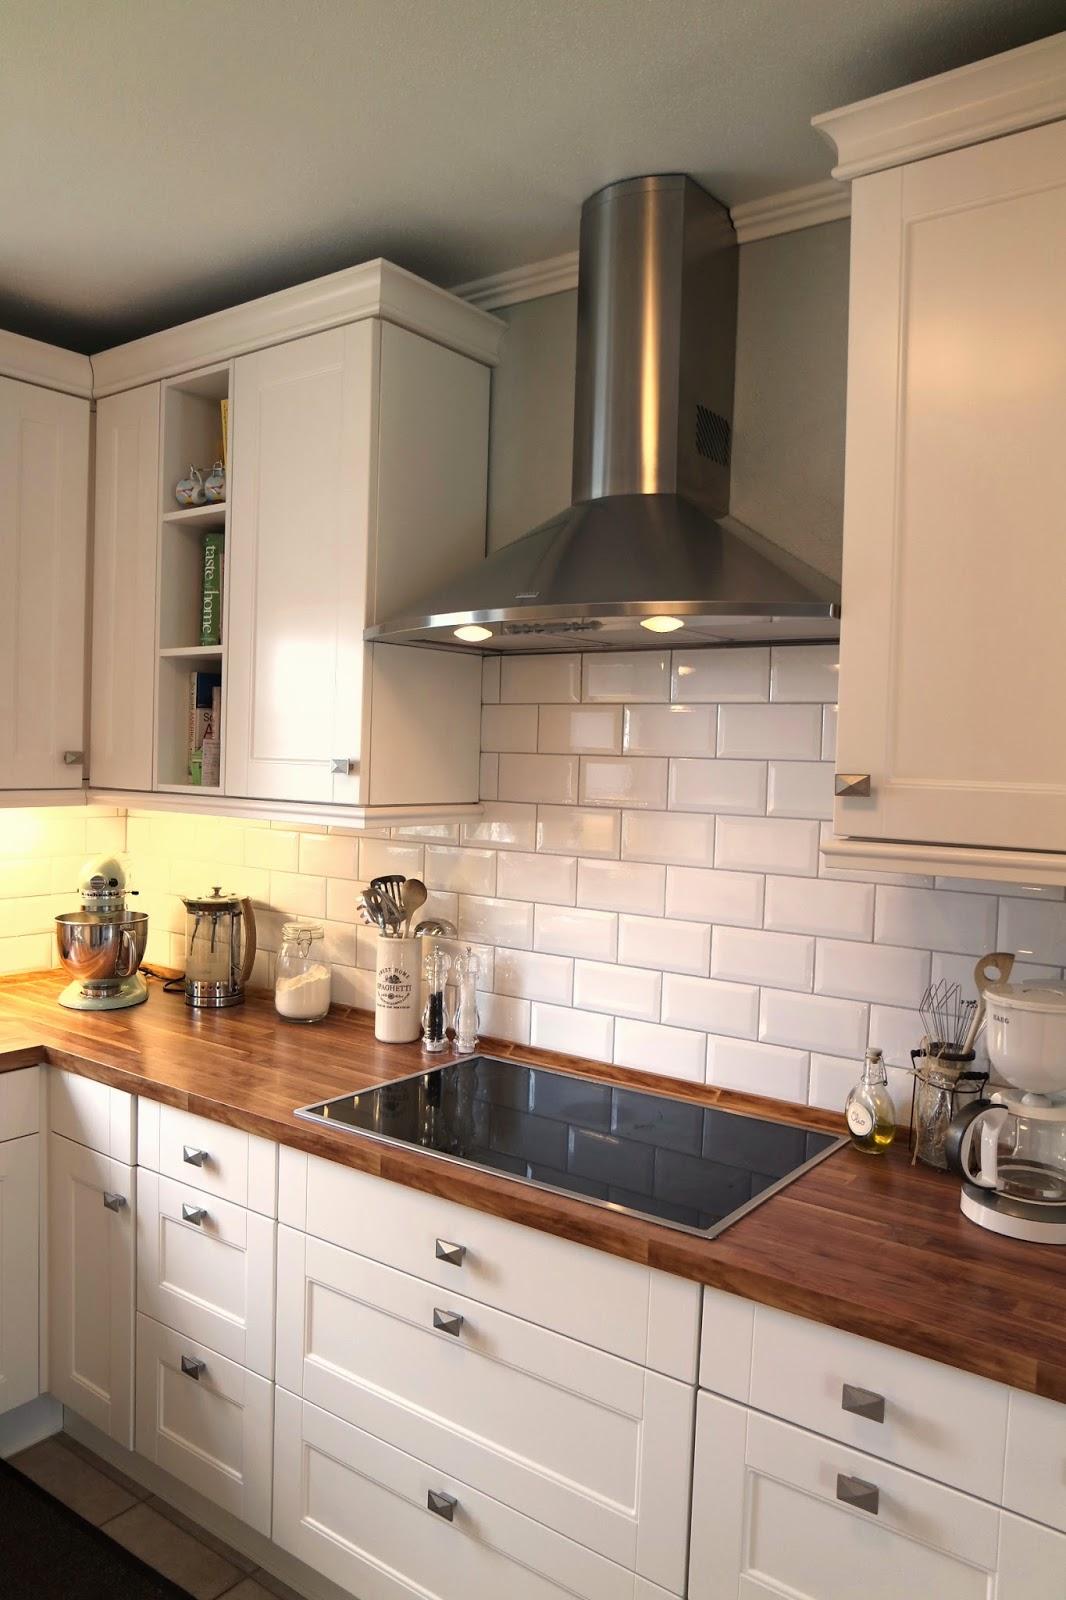 Kleines gelbes Haus: Neuer Anstrich für die Landhausküche